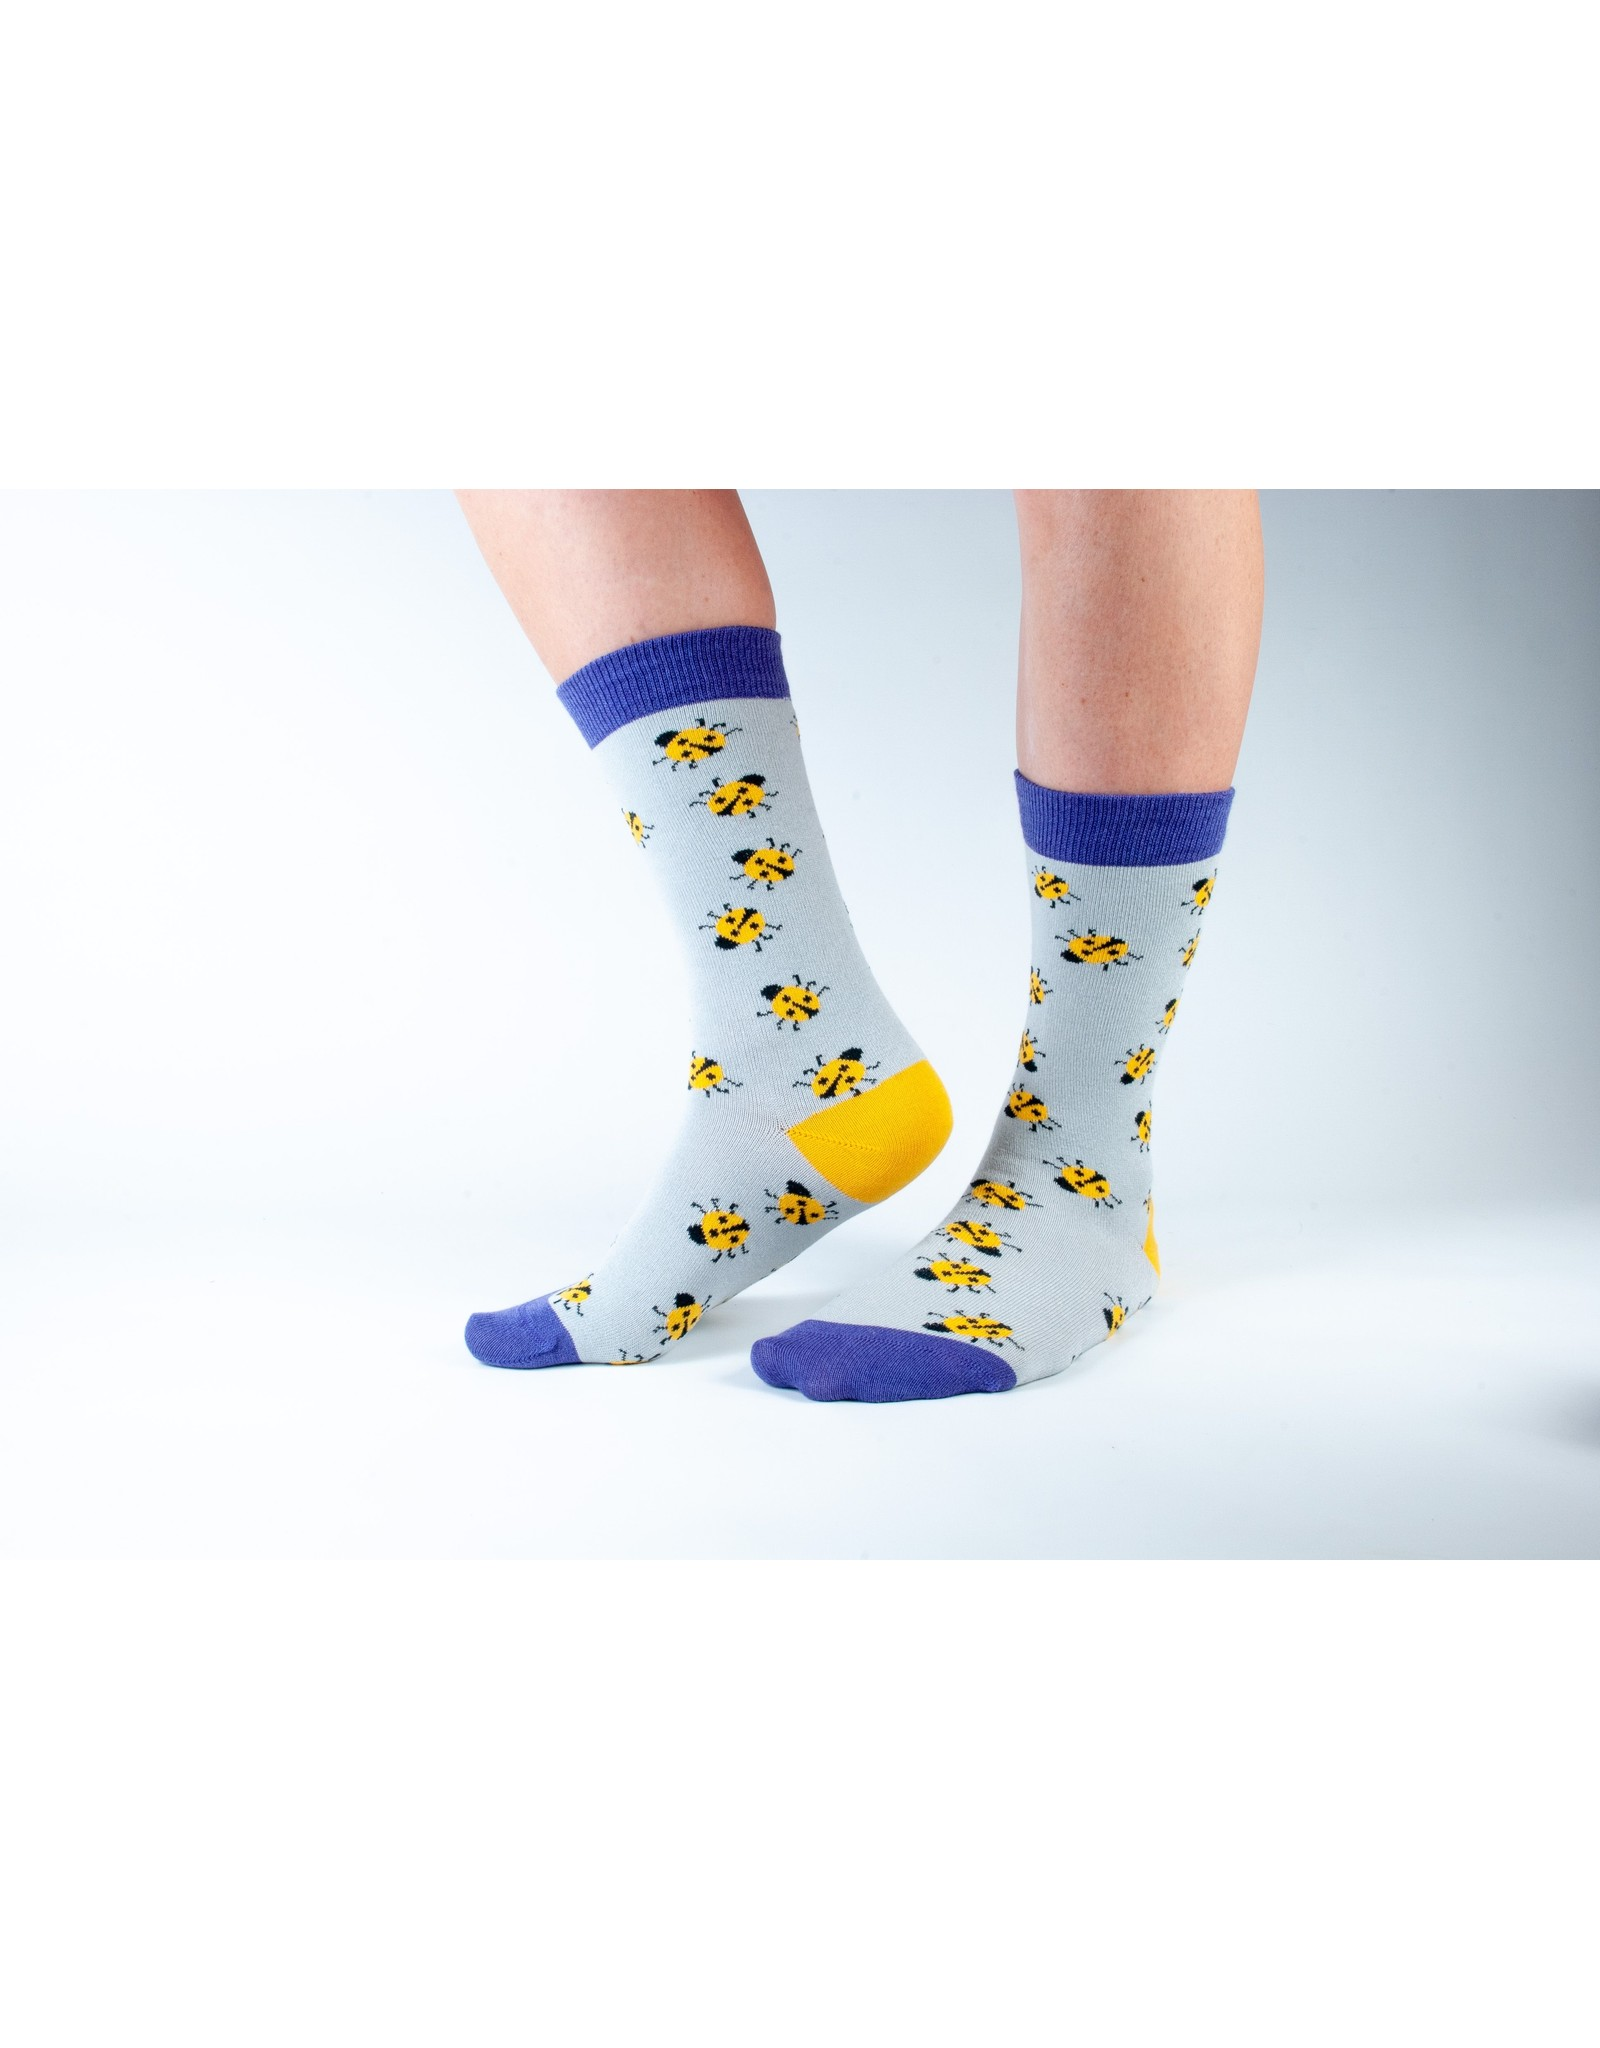 Doris & Dude Socks - lady bugs (36-40)